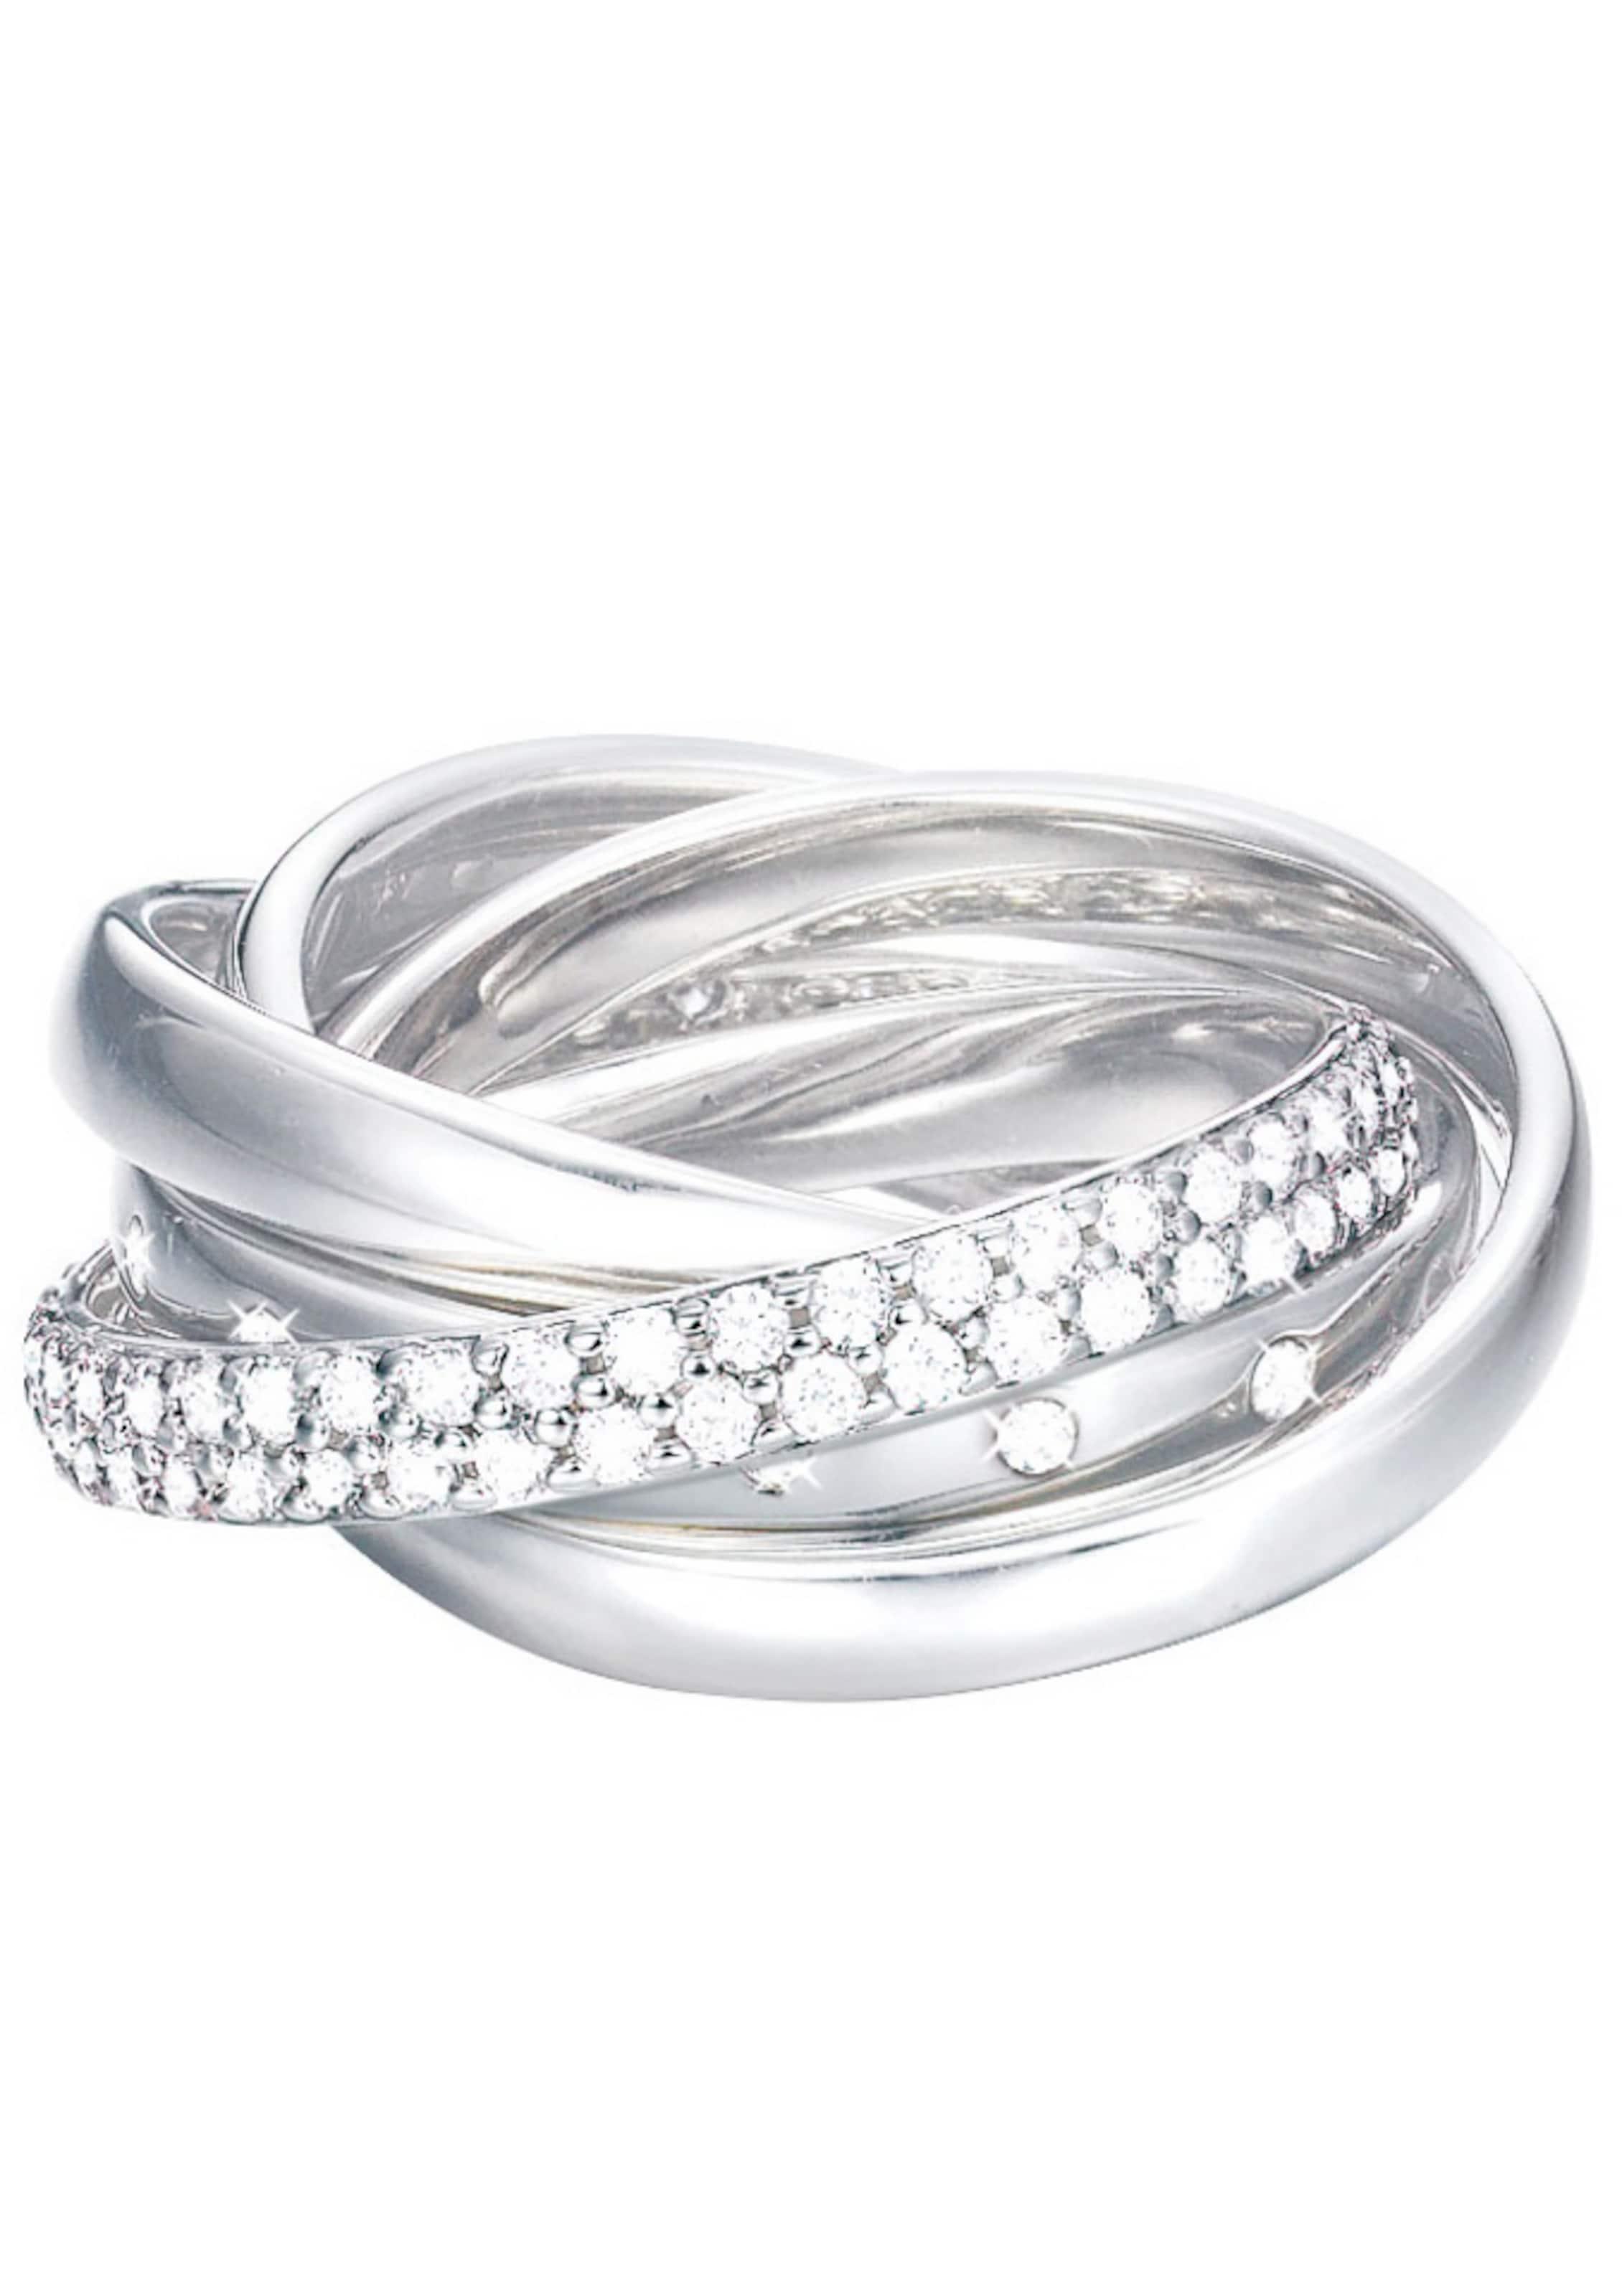 ESPRIT Ring mit Zirkonia Spielraum Bester Ort Schnelle Lieferung Günstig Online Billigsten Günstig Online fWPiSQhgiX